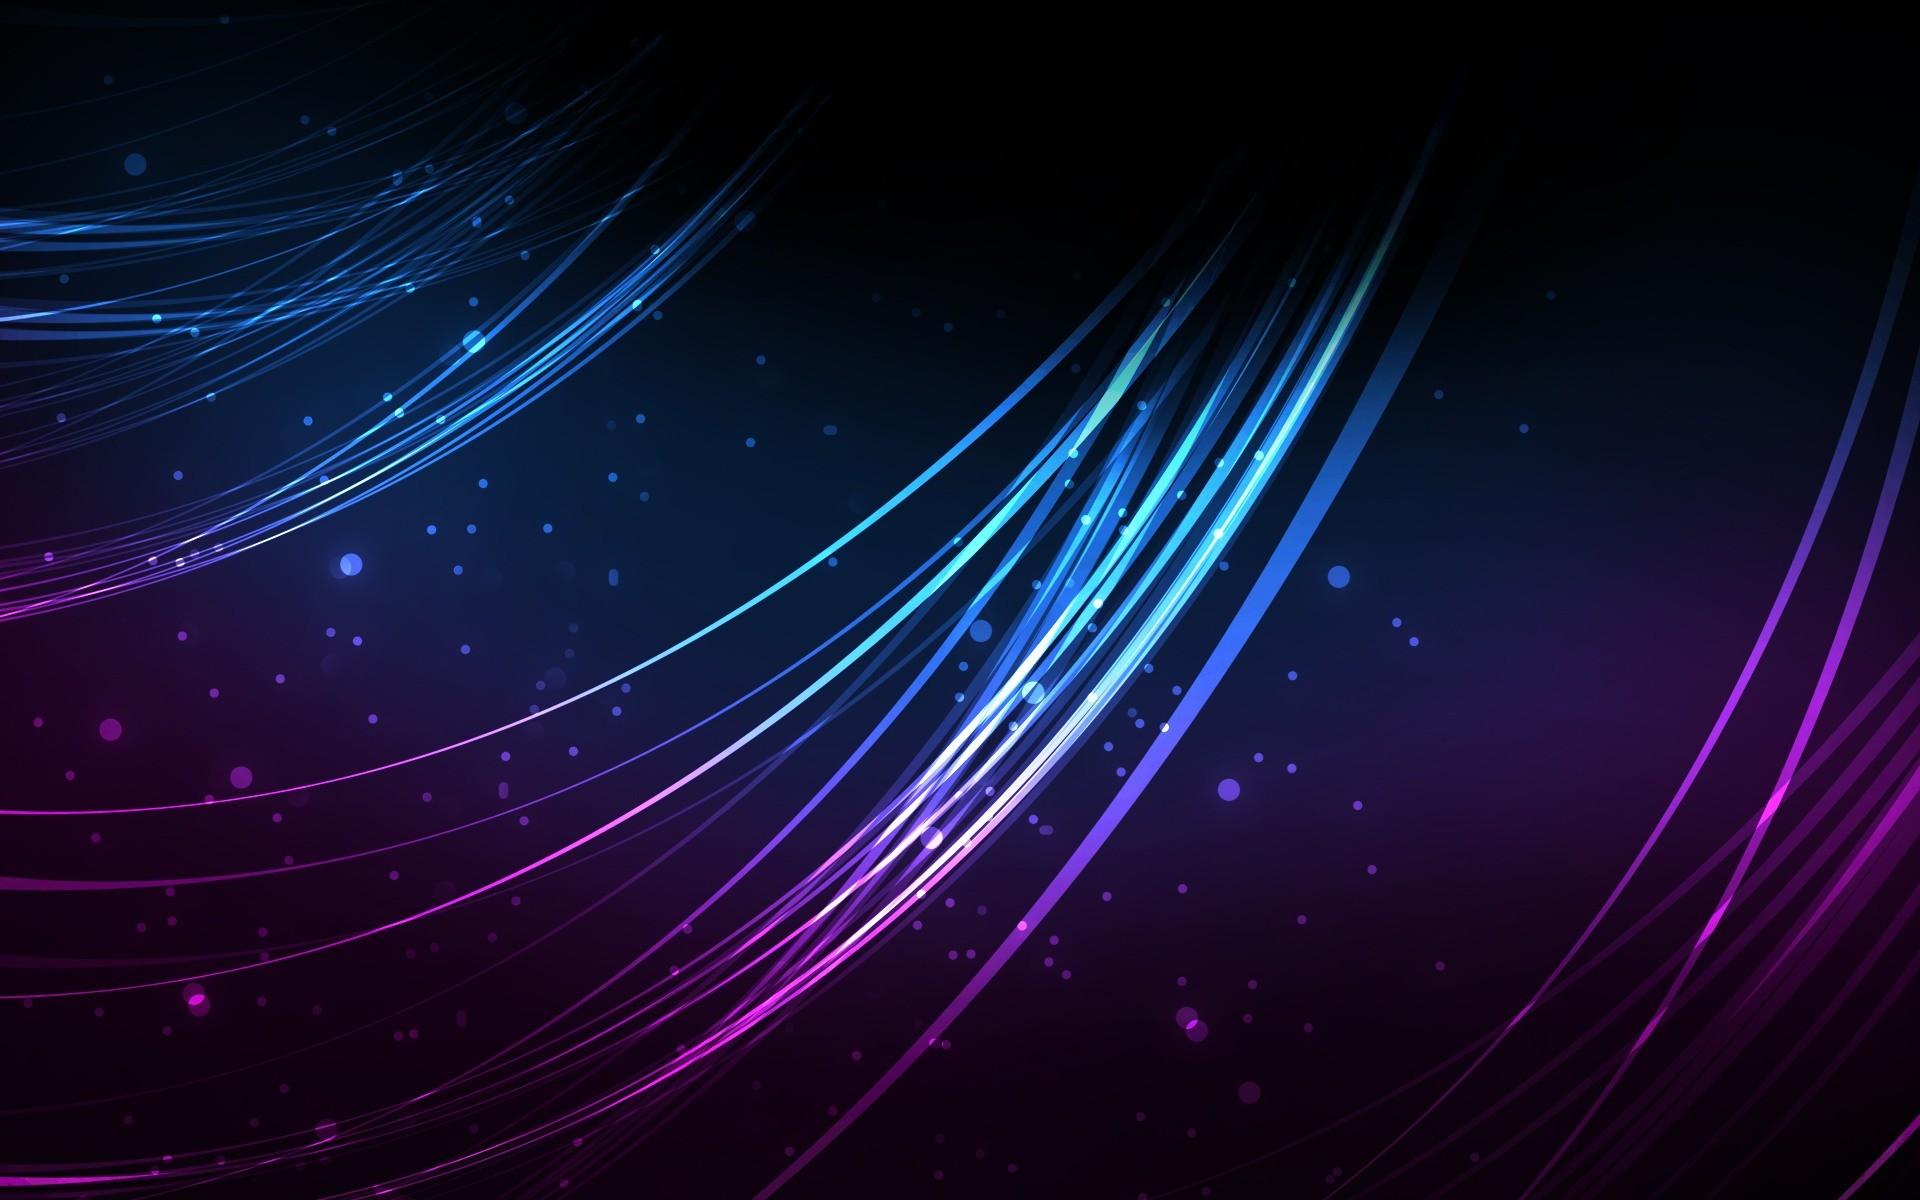 … black backgrounds · purple and blue strands desktop wallpaper …